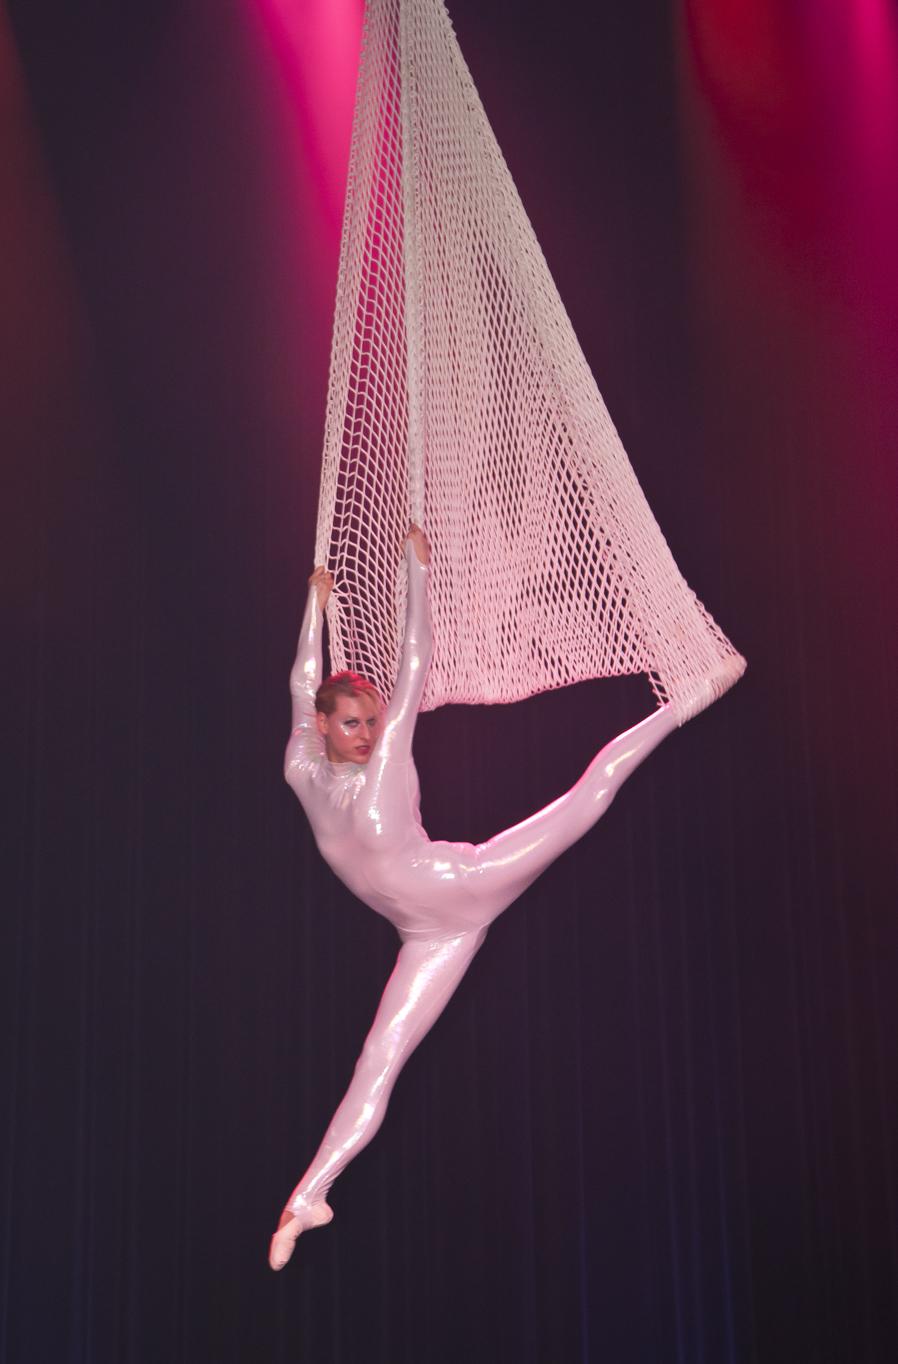 Aerial Net